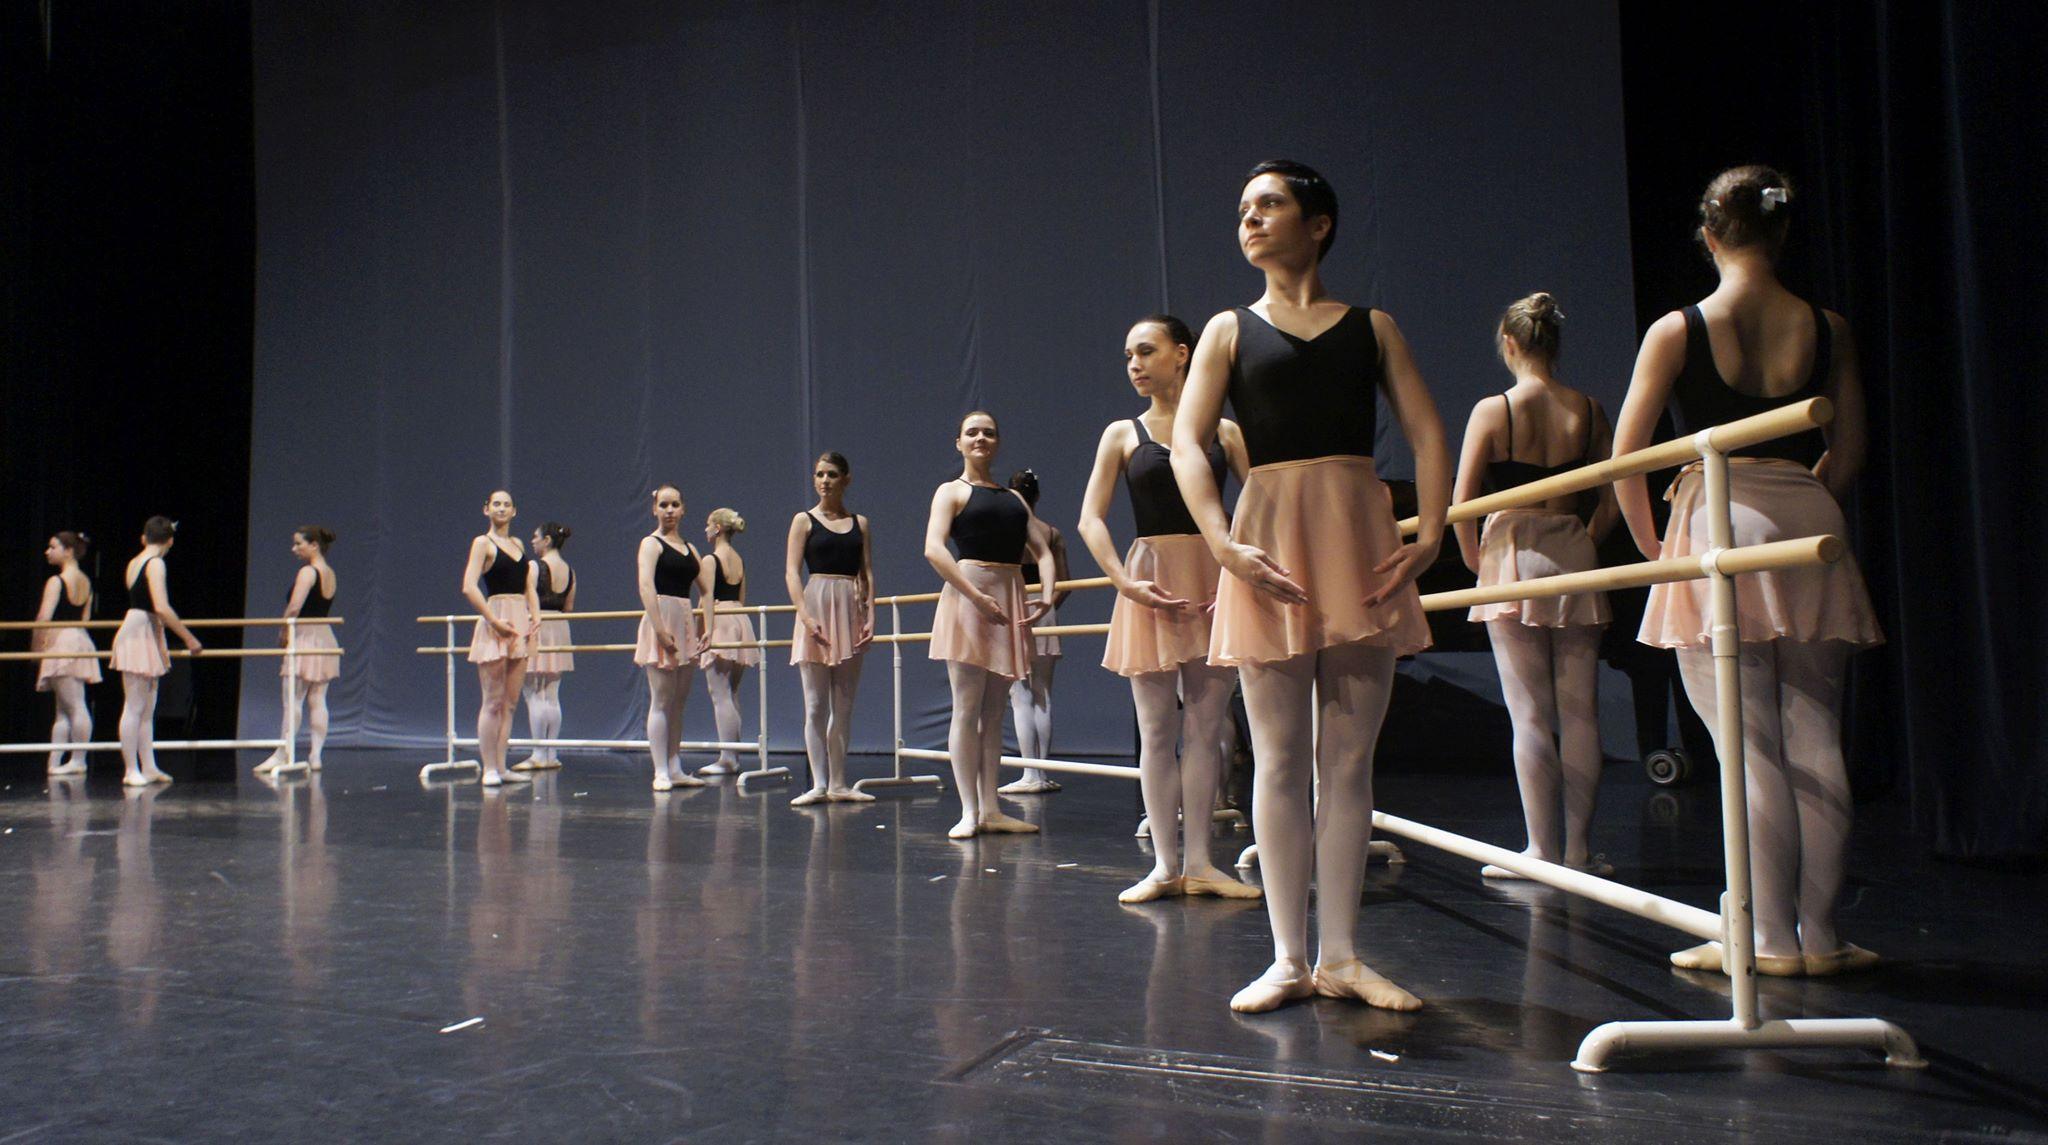 felnott_balett_oktatas_miami_balett_budapest_3.jpg